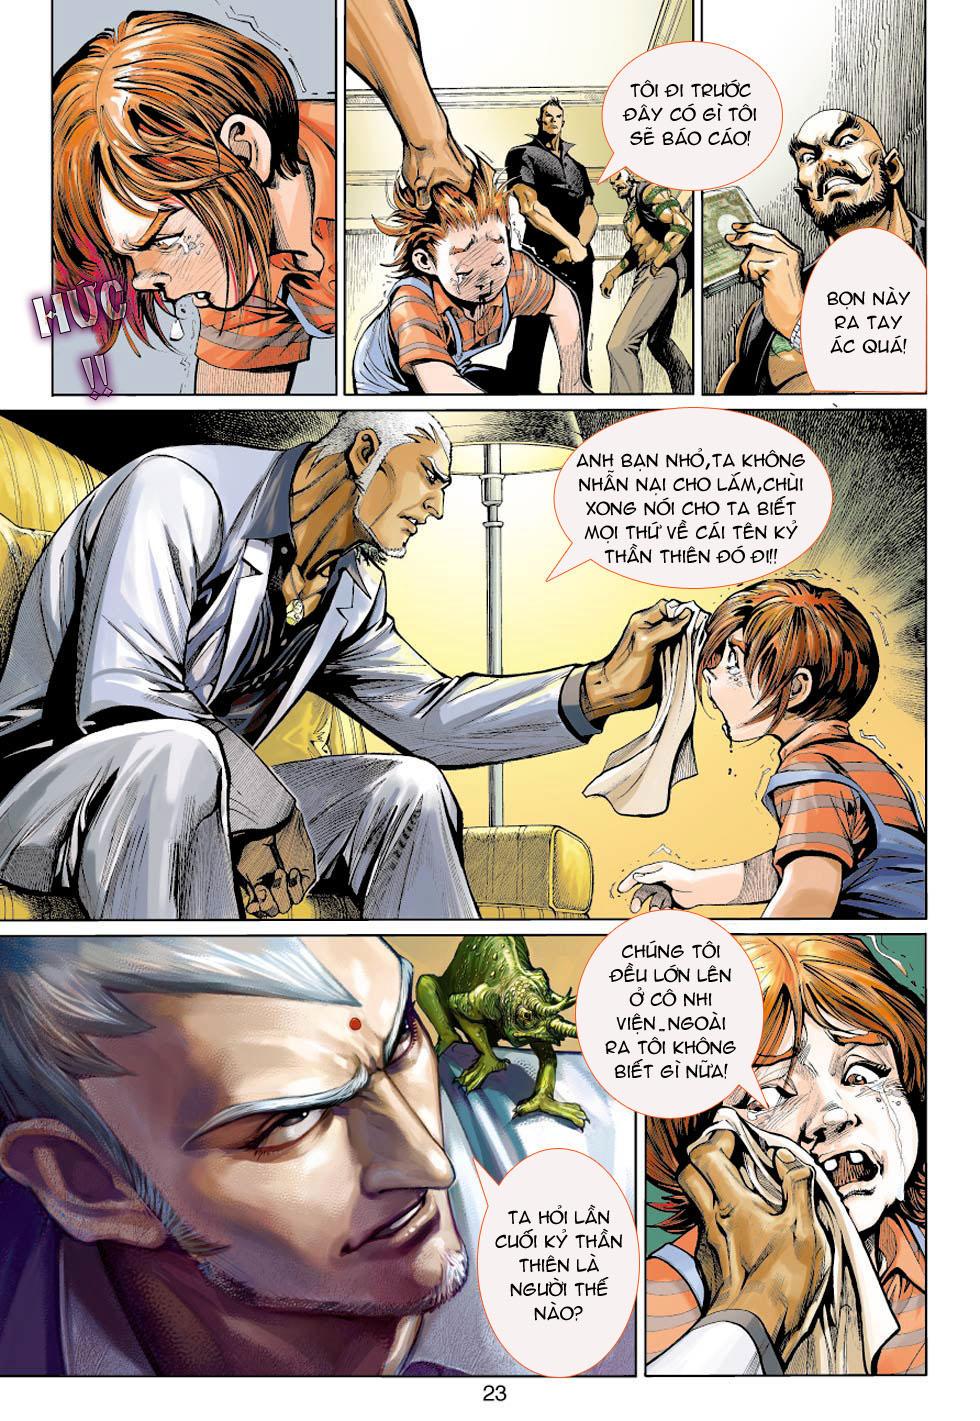 Thần Binh 4 chap 5 - Trang 23